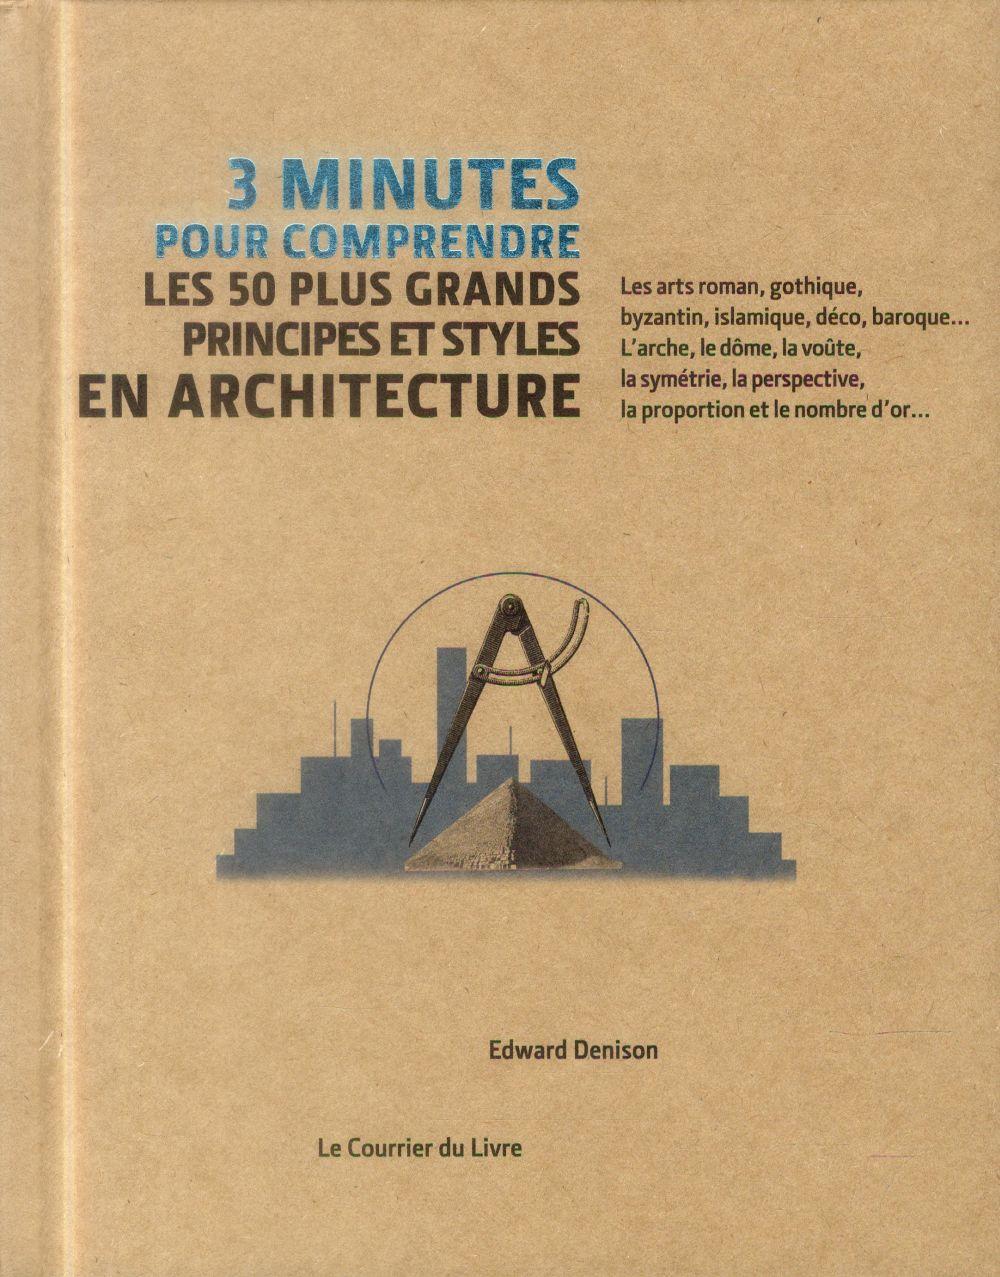 3 MINUTES POUR COMPRENDRE 50 PLUS GRANDS PRINCIPES ET STYLES EN ARCHITECTURE